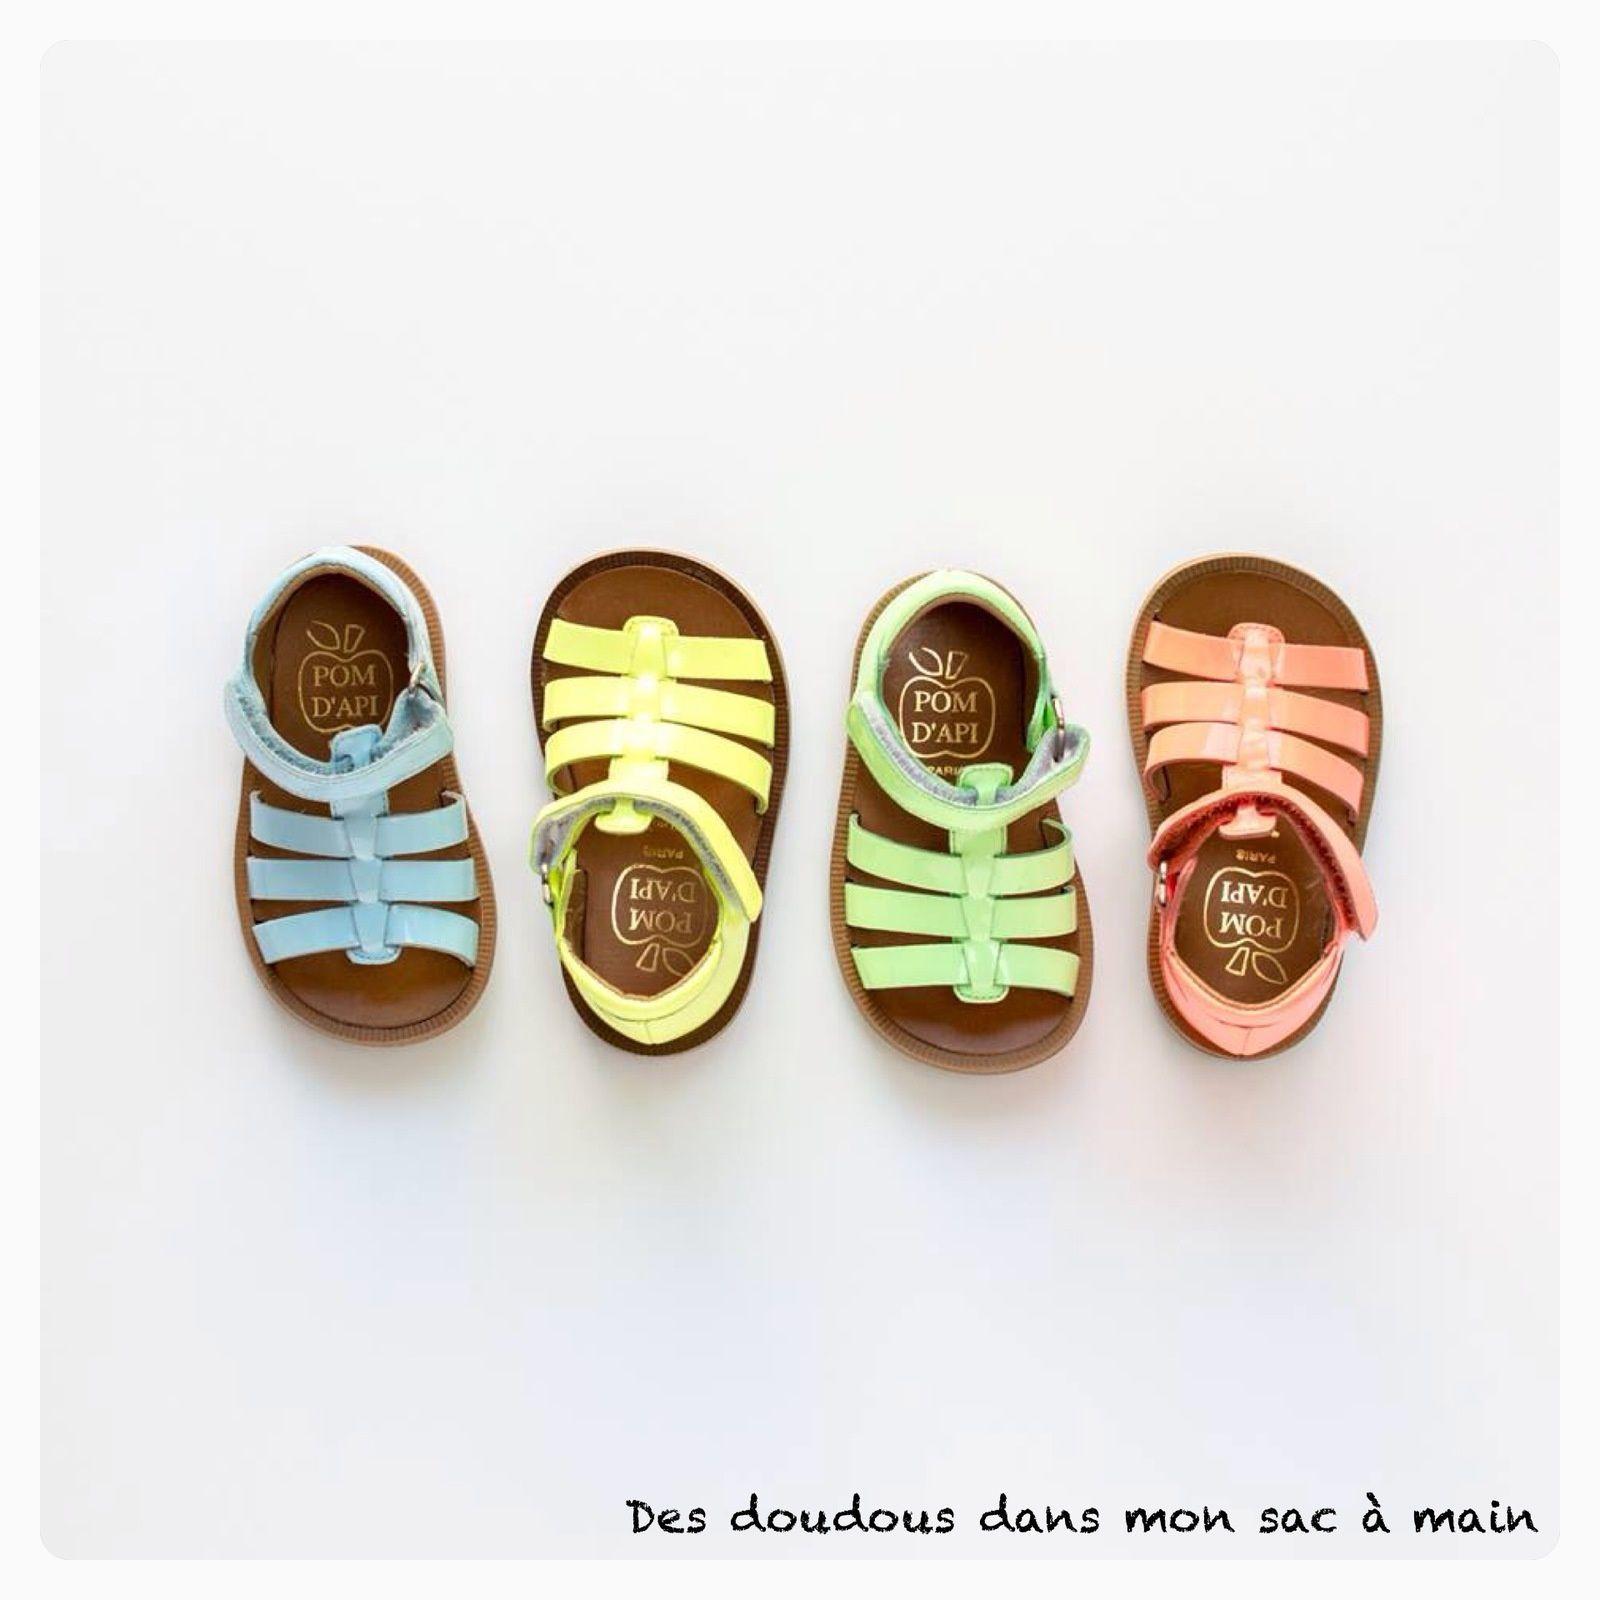 Des p'tits pieds bien chaussés